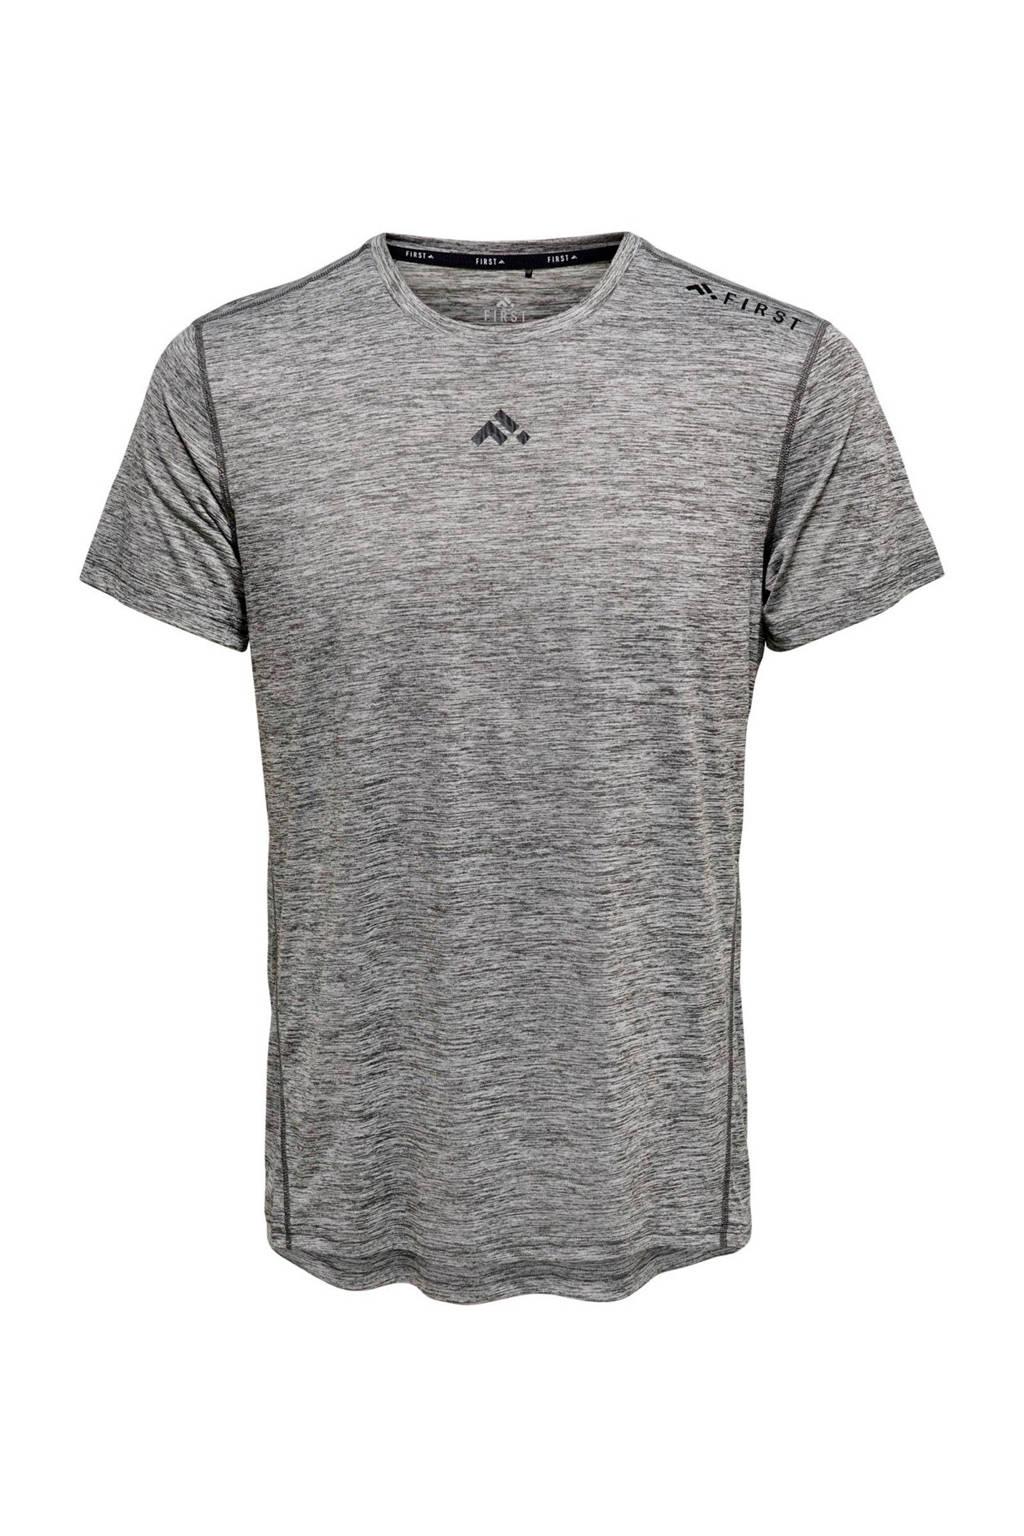 FIRST   sport T-shirt grijs, Grijs